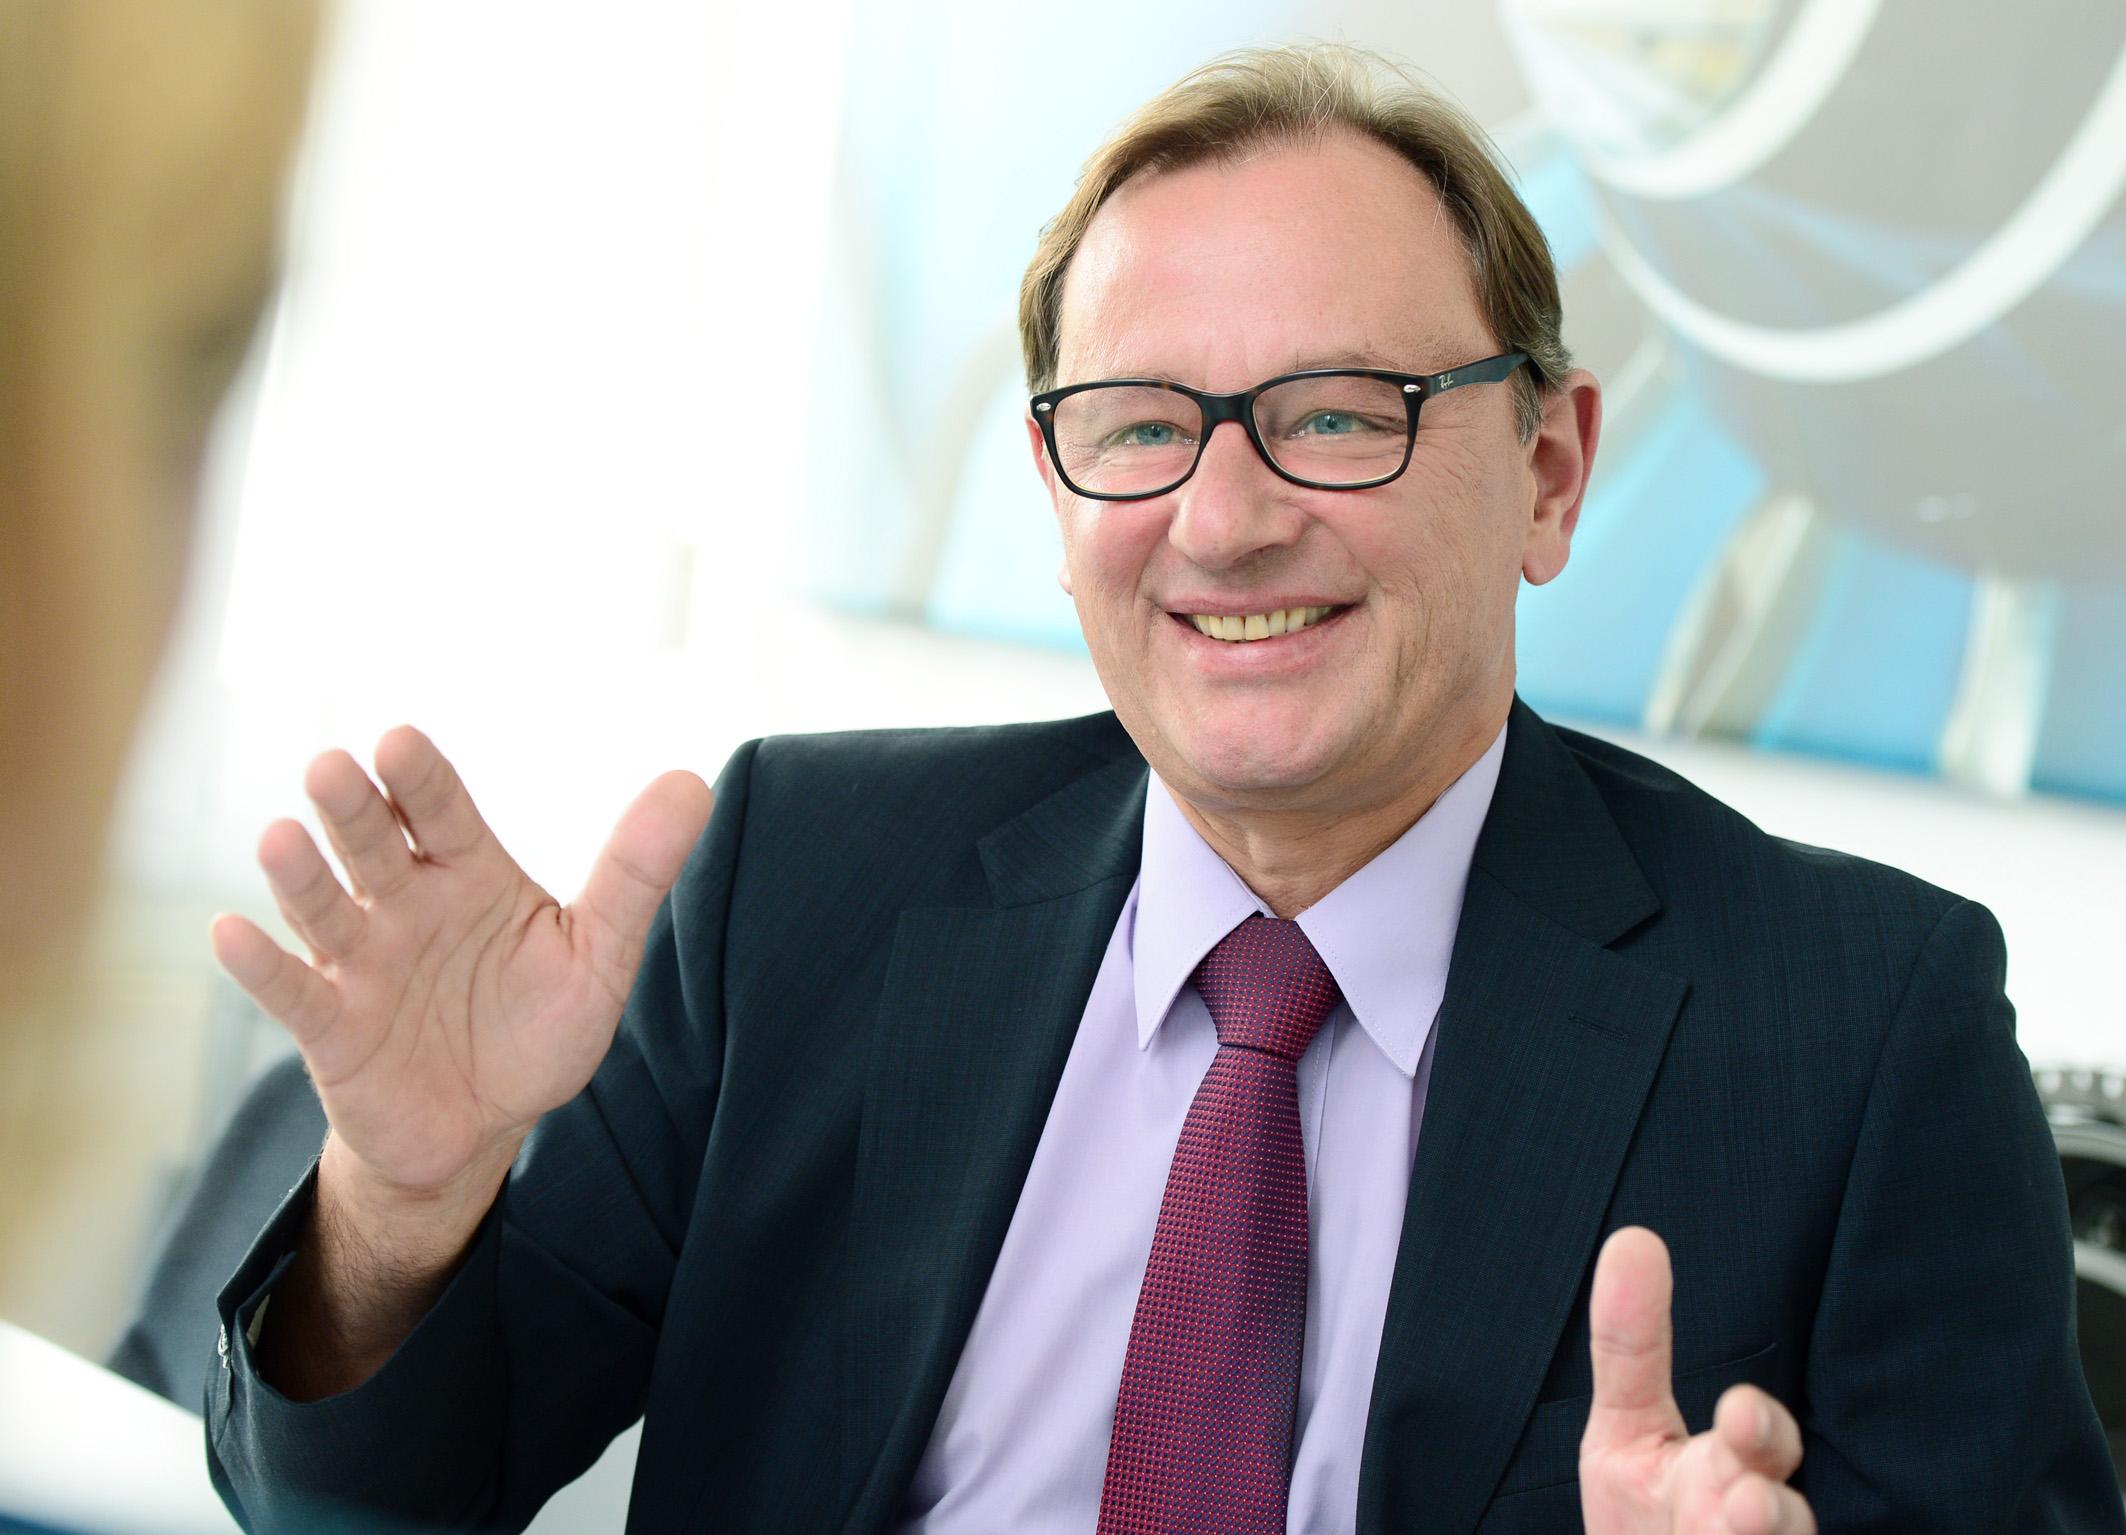 Foto Prof. Dr. Marius Swoboda